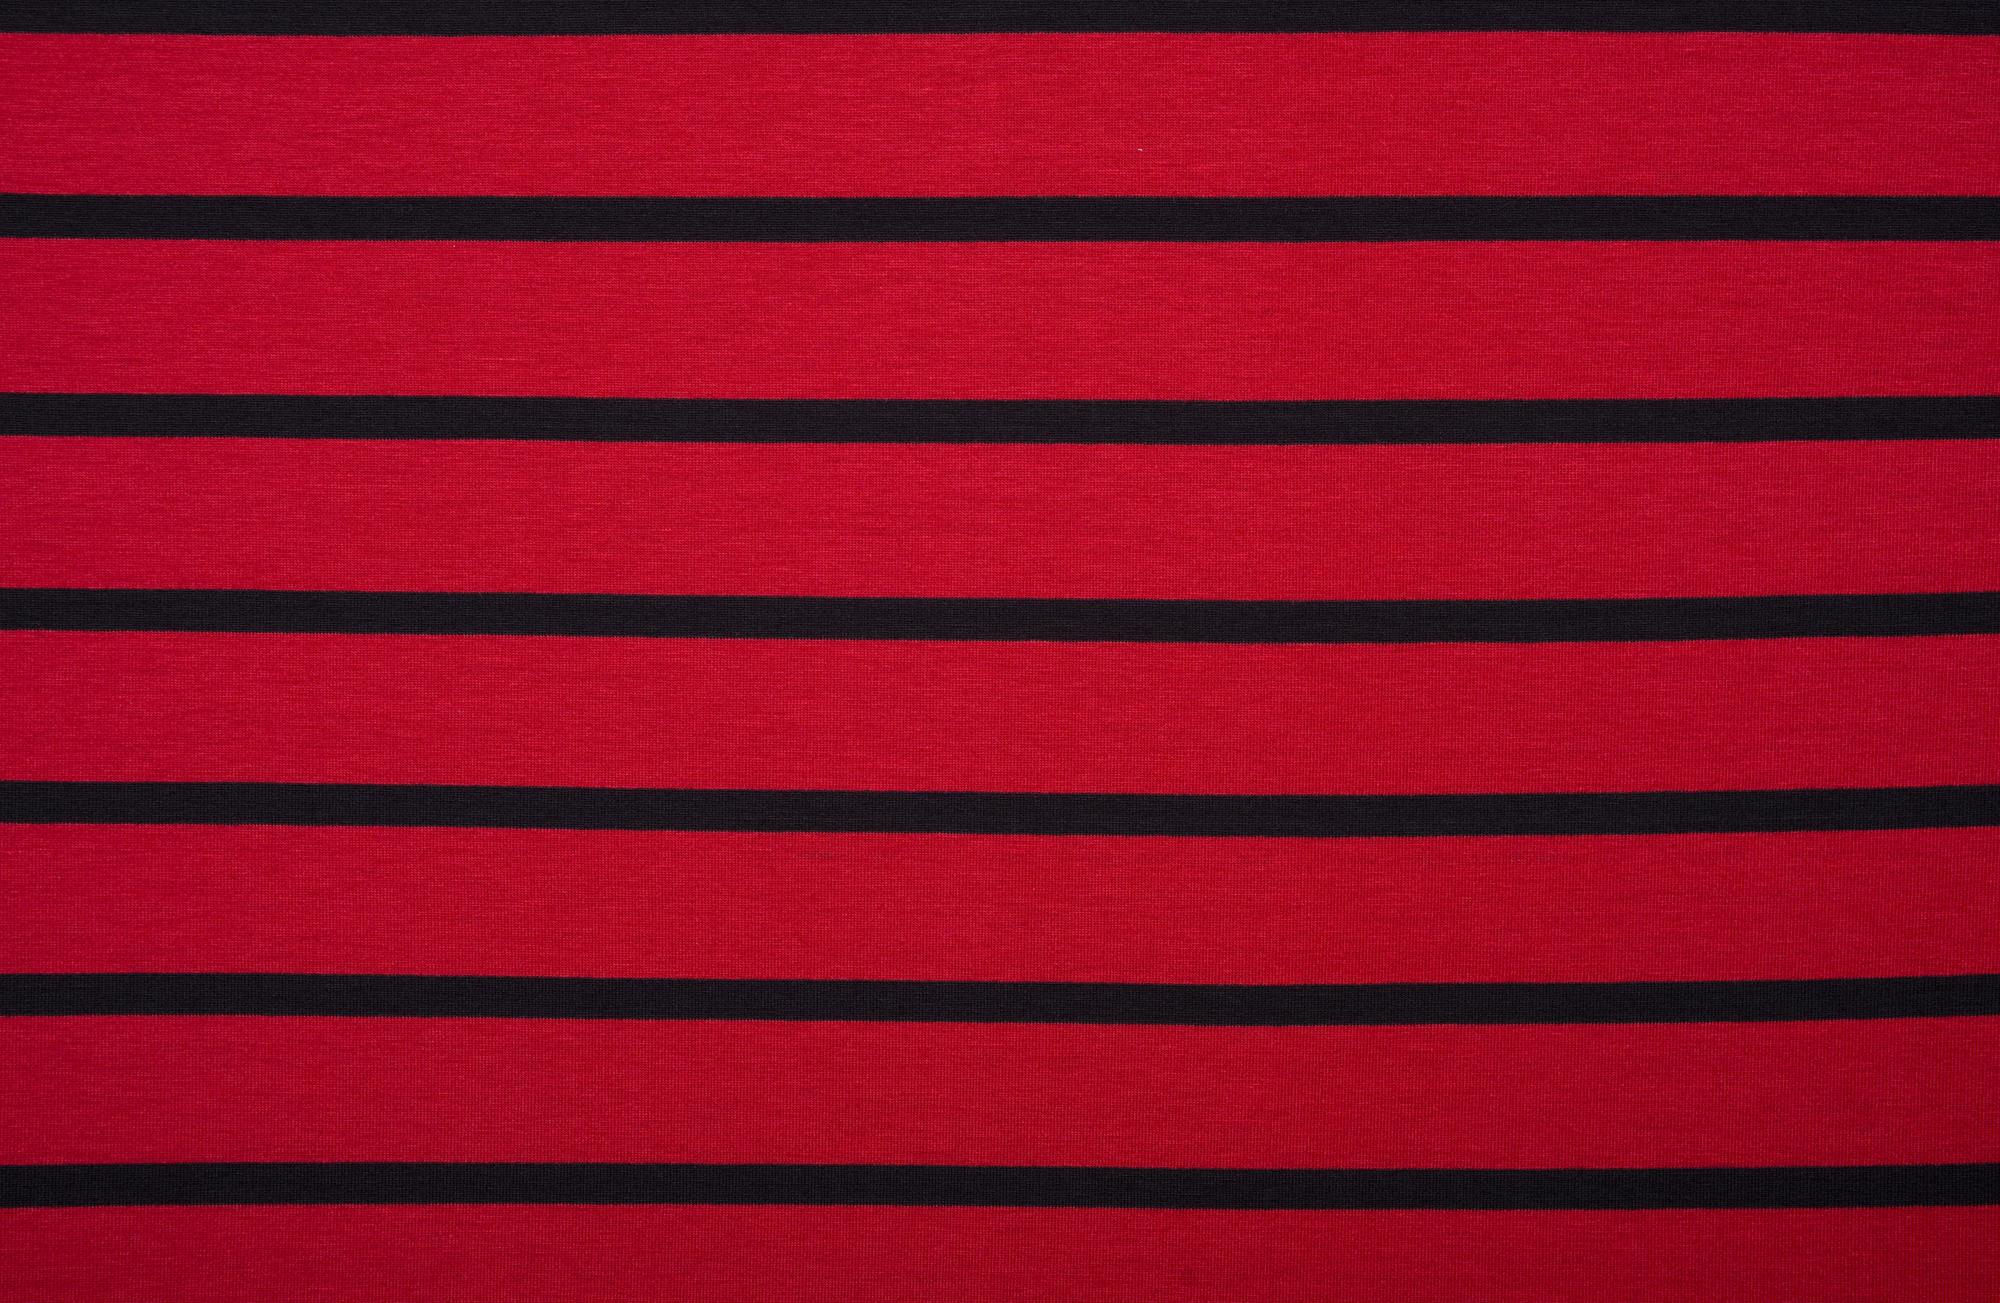 PASKI WISKOZOWE czerwone nk092 1 belka dzianiny-50%